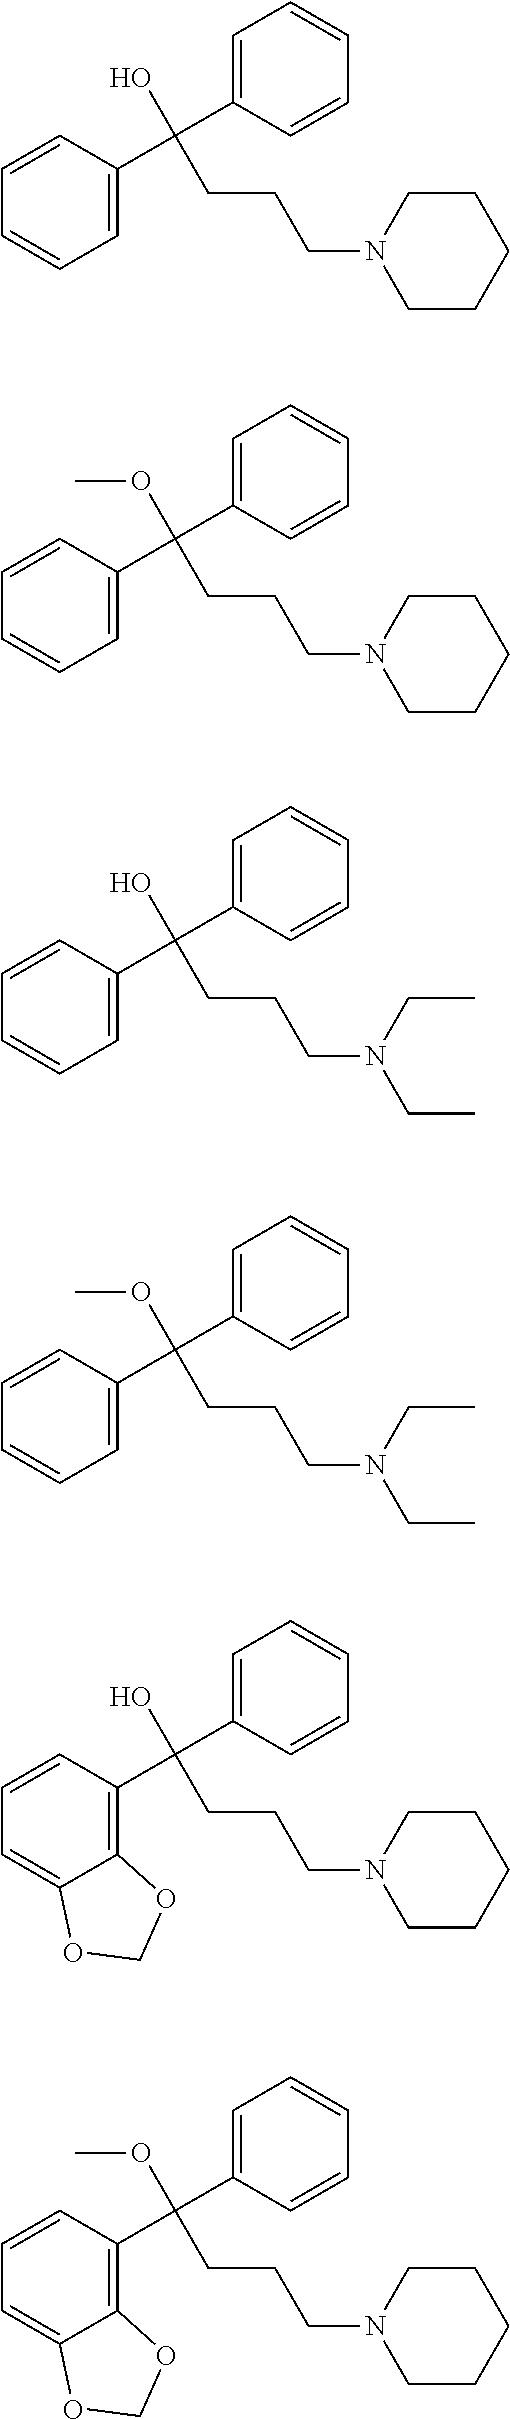 Figure US09962344-20180508-C00208